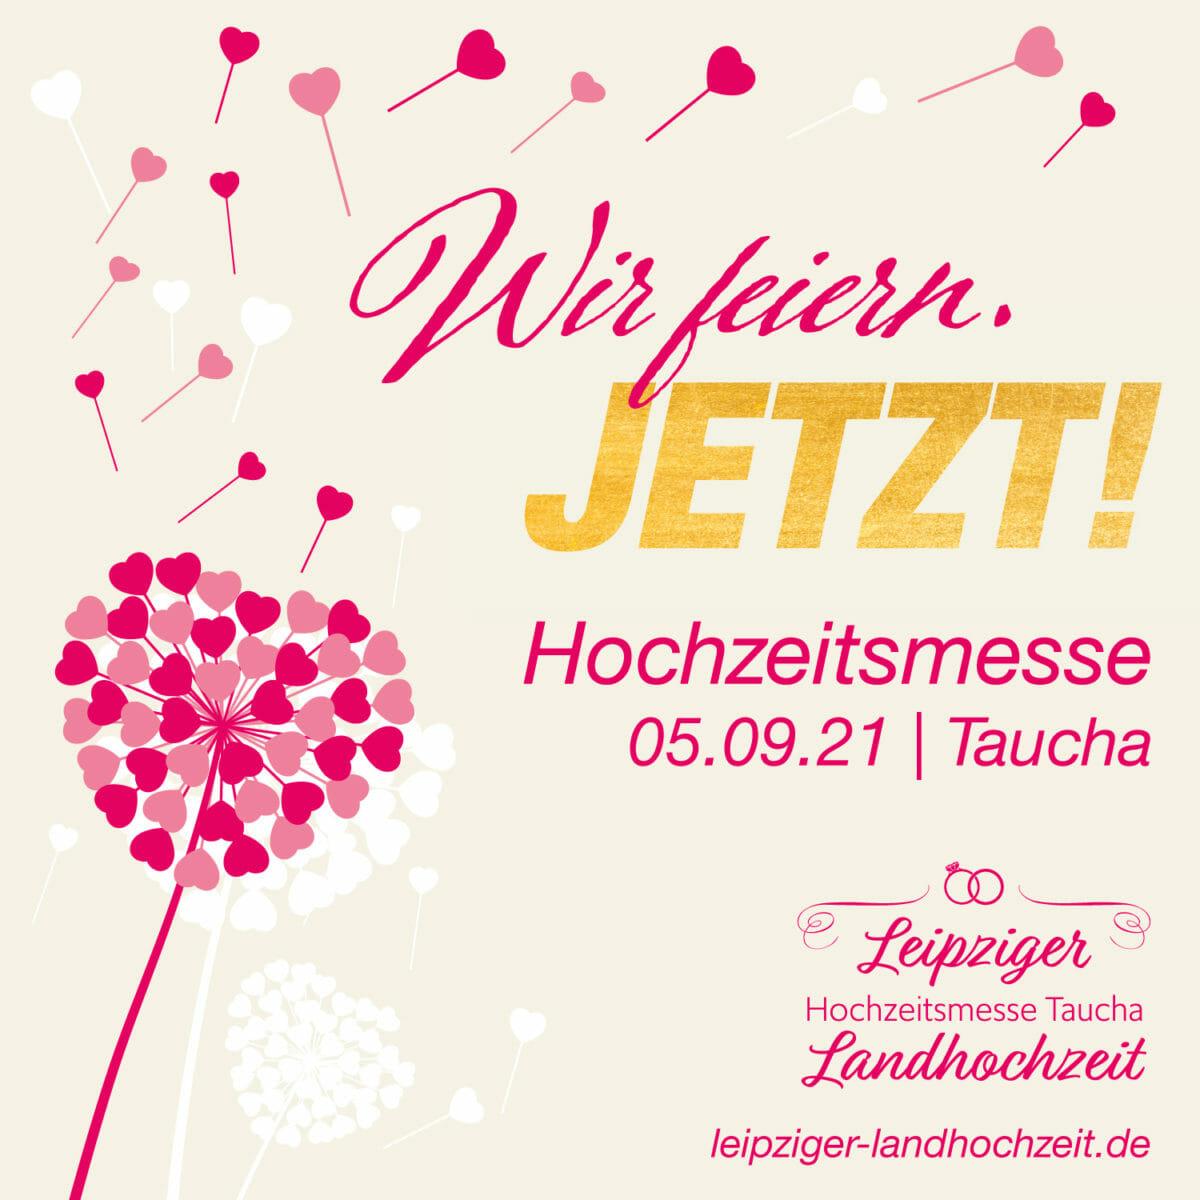 Hochzeitsmesse, Leipziger Landhochzeit, Hochzeitsmesse Leipzig, Heiraten Leipzig, Hochzeit Leipzig, Taucha,